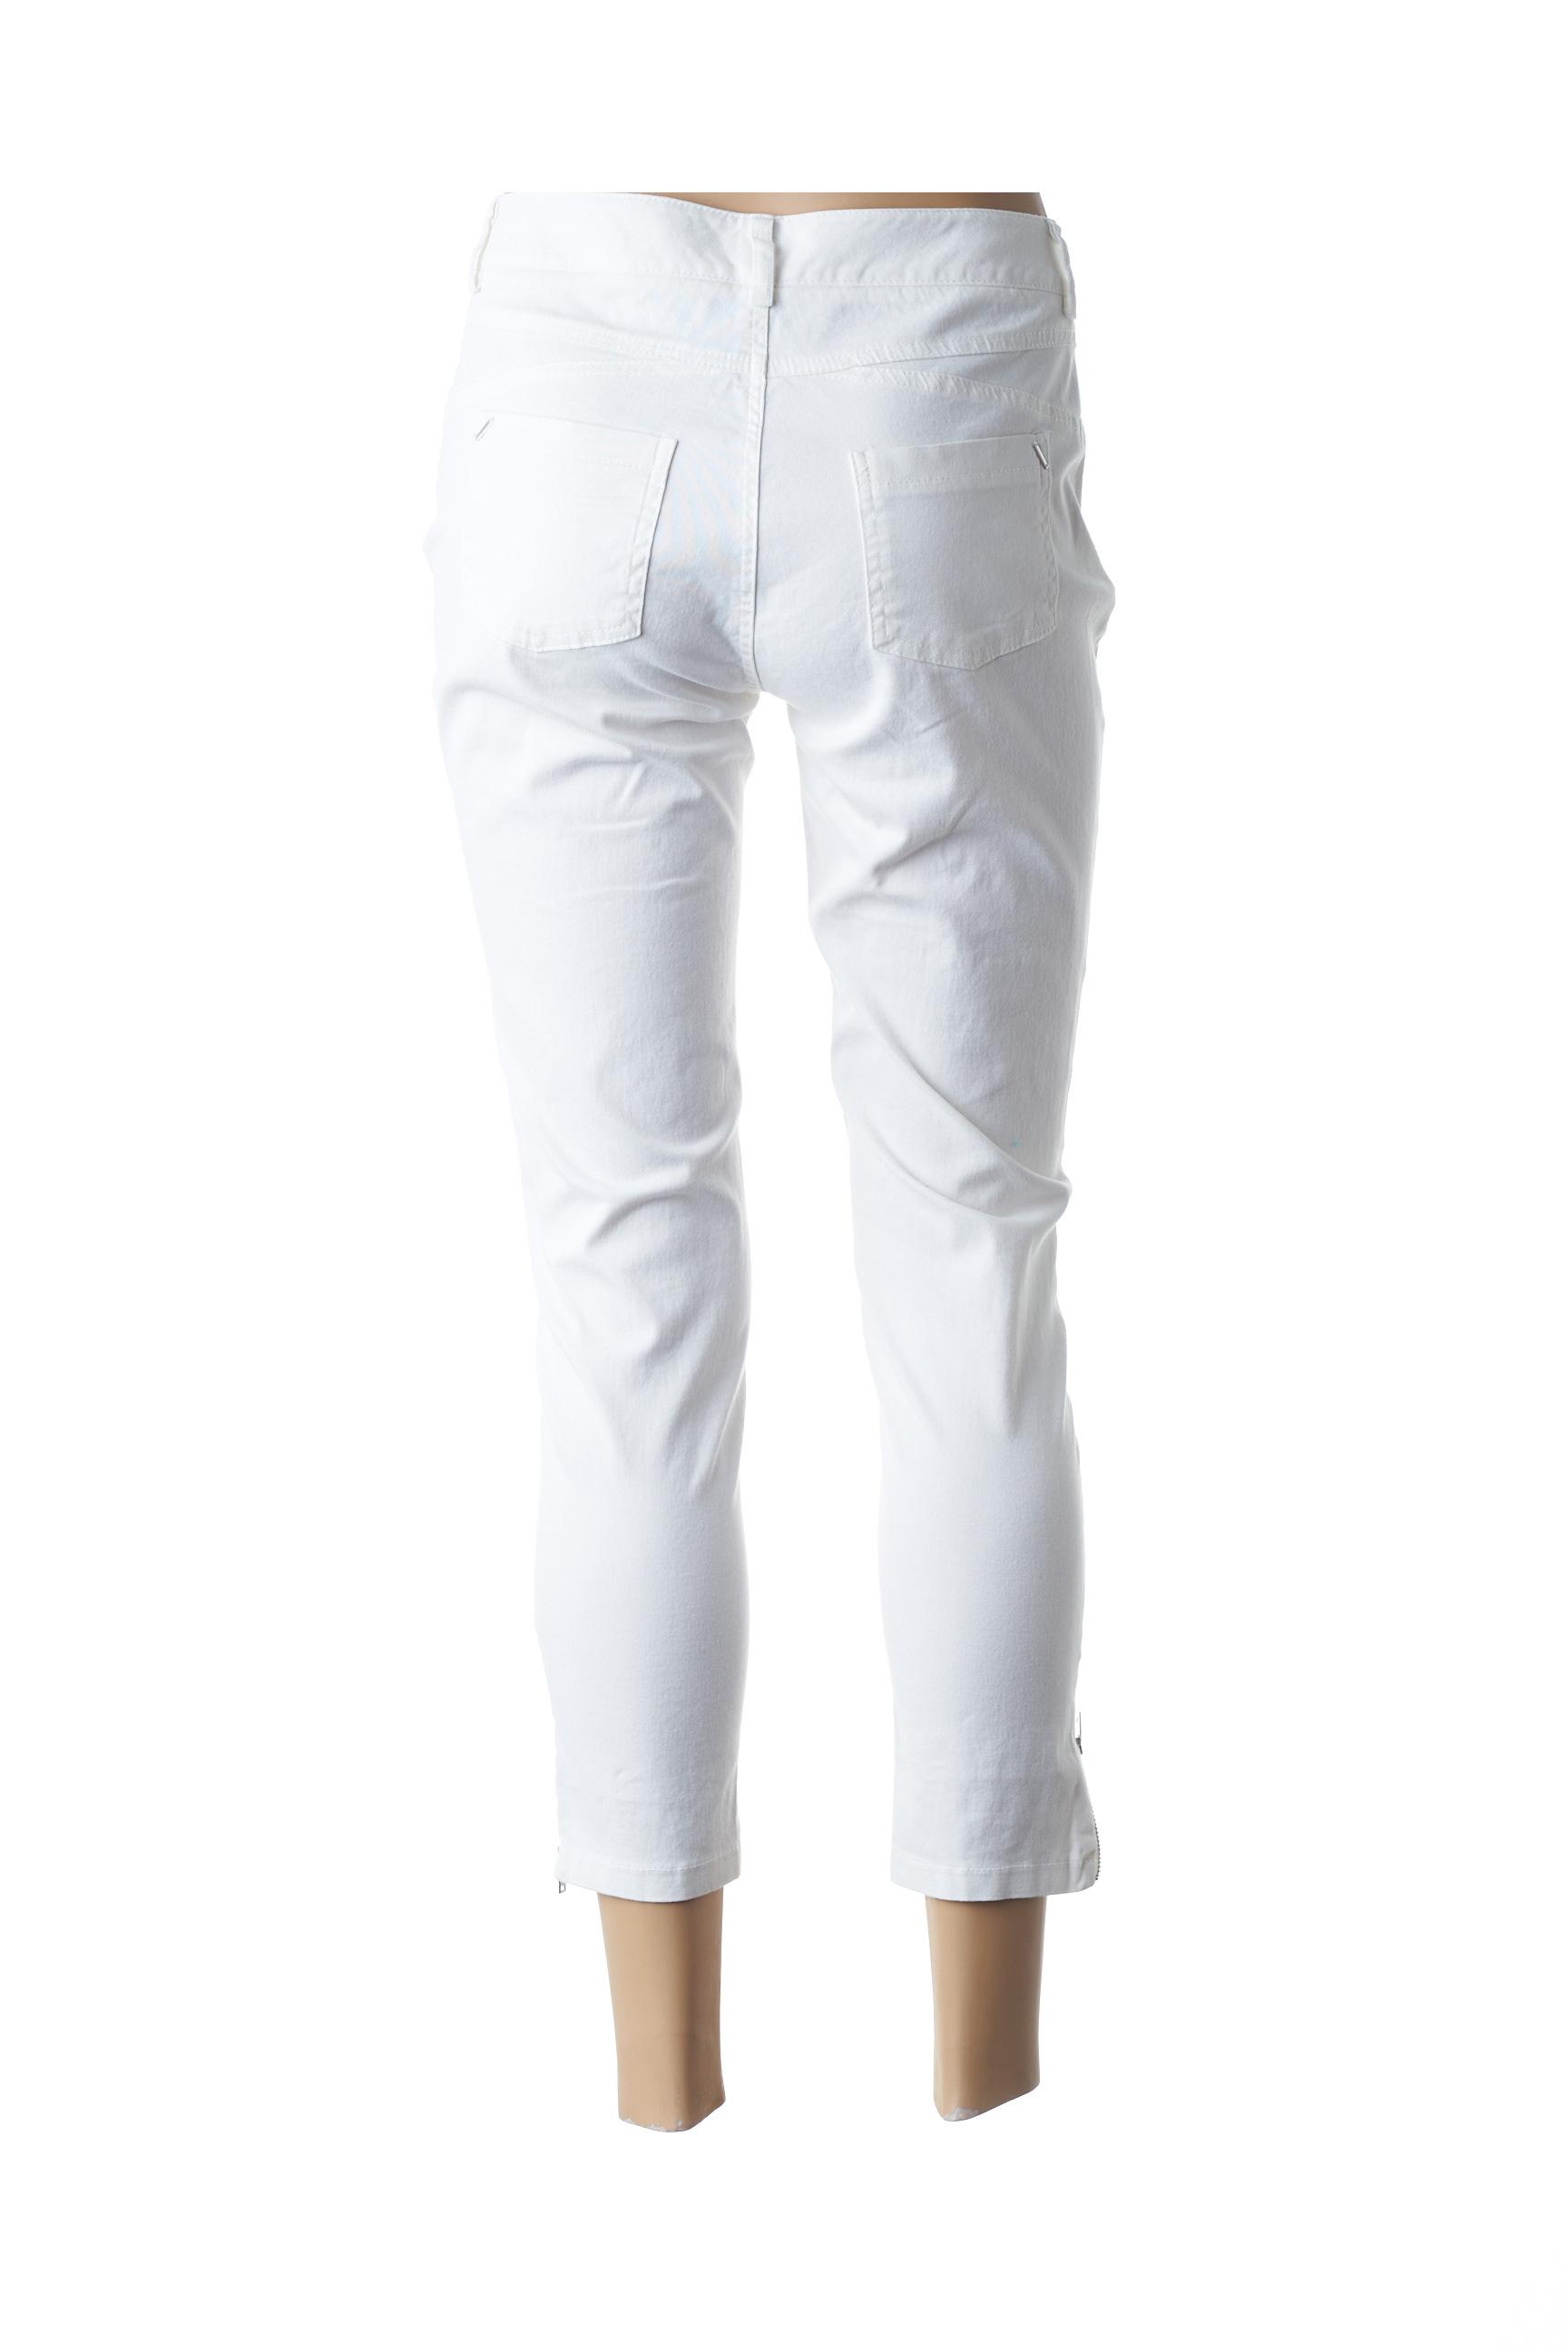 Eva Kayan Pantacourts Decontractes Femme De Couleur Blanc En Soldes Pas Cher 1442402-blanc0